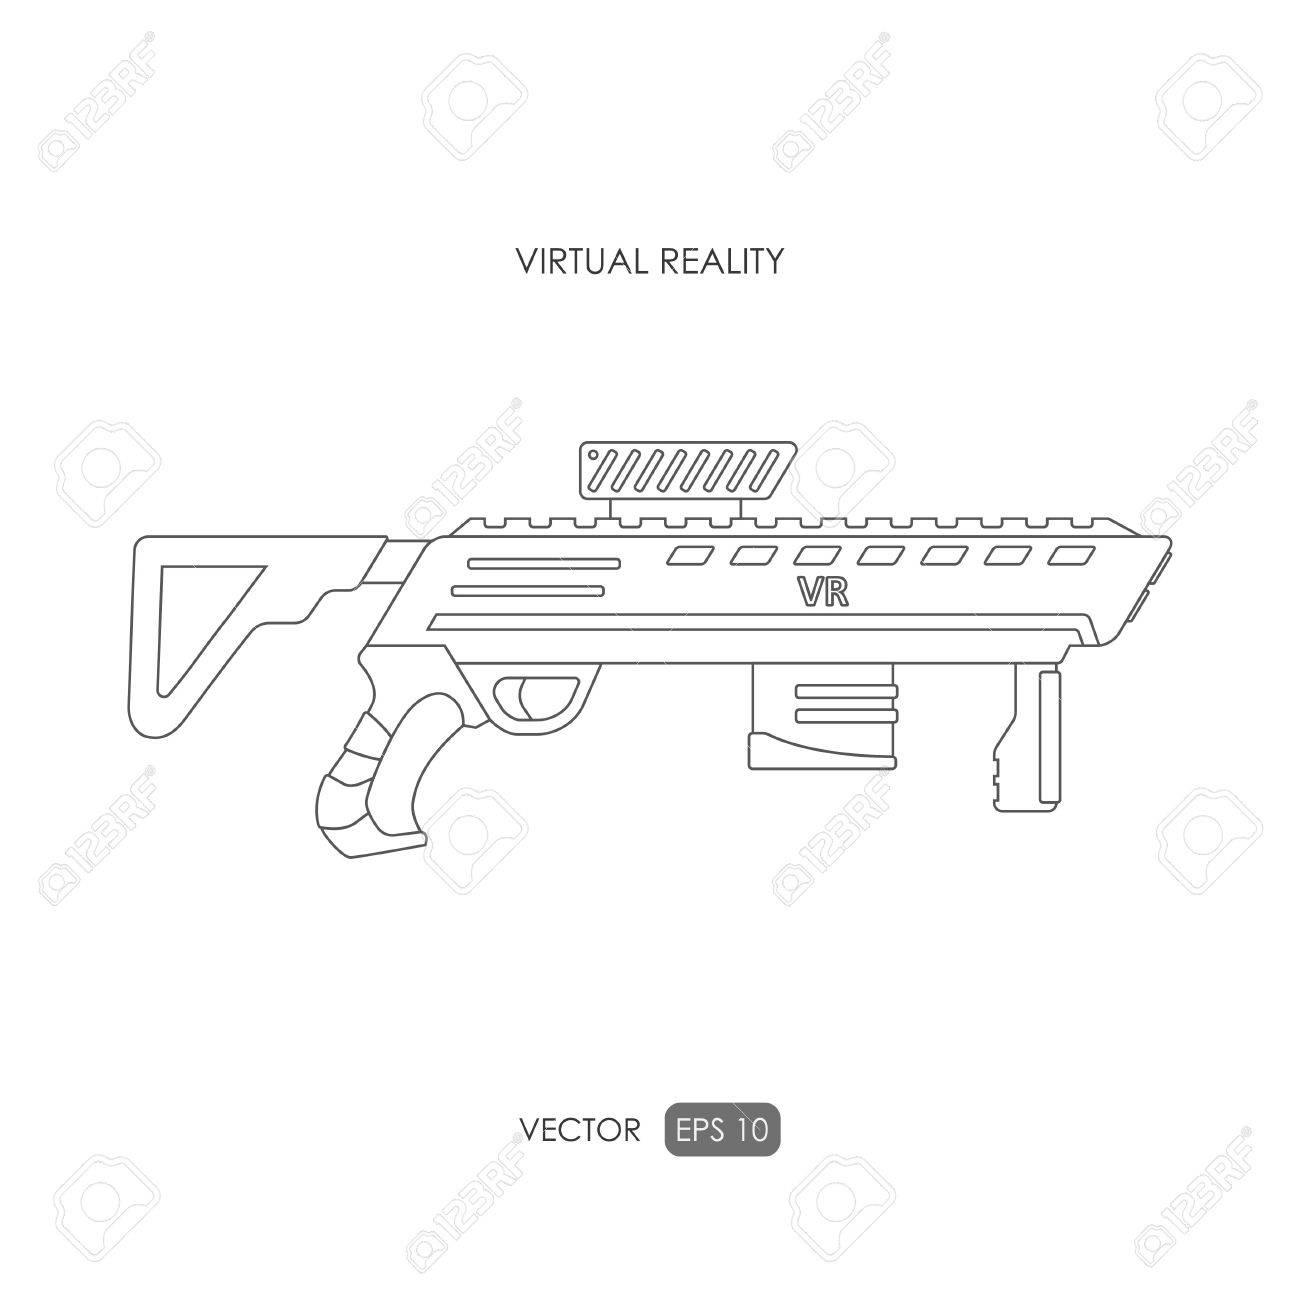 pistola para el sistema de realidad virtual armas de caza dibujo